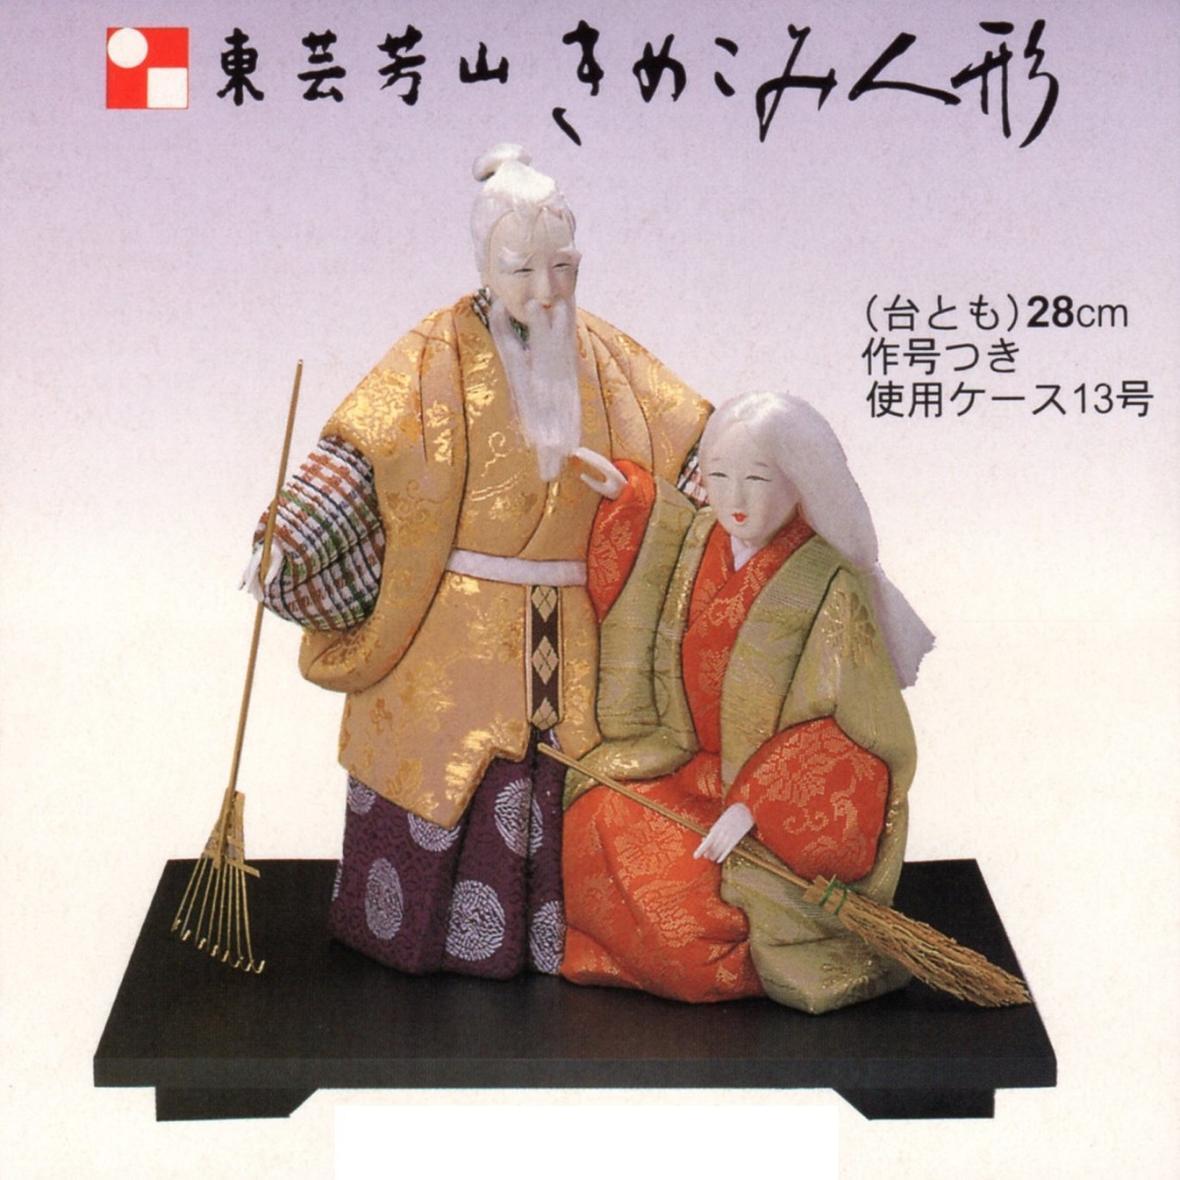 東芸 木目込人形キット「祝高砂」 (いわいたかさご) K074-13